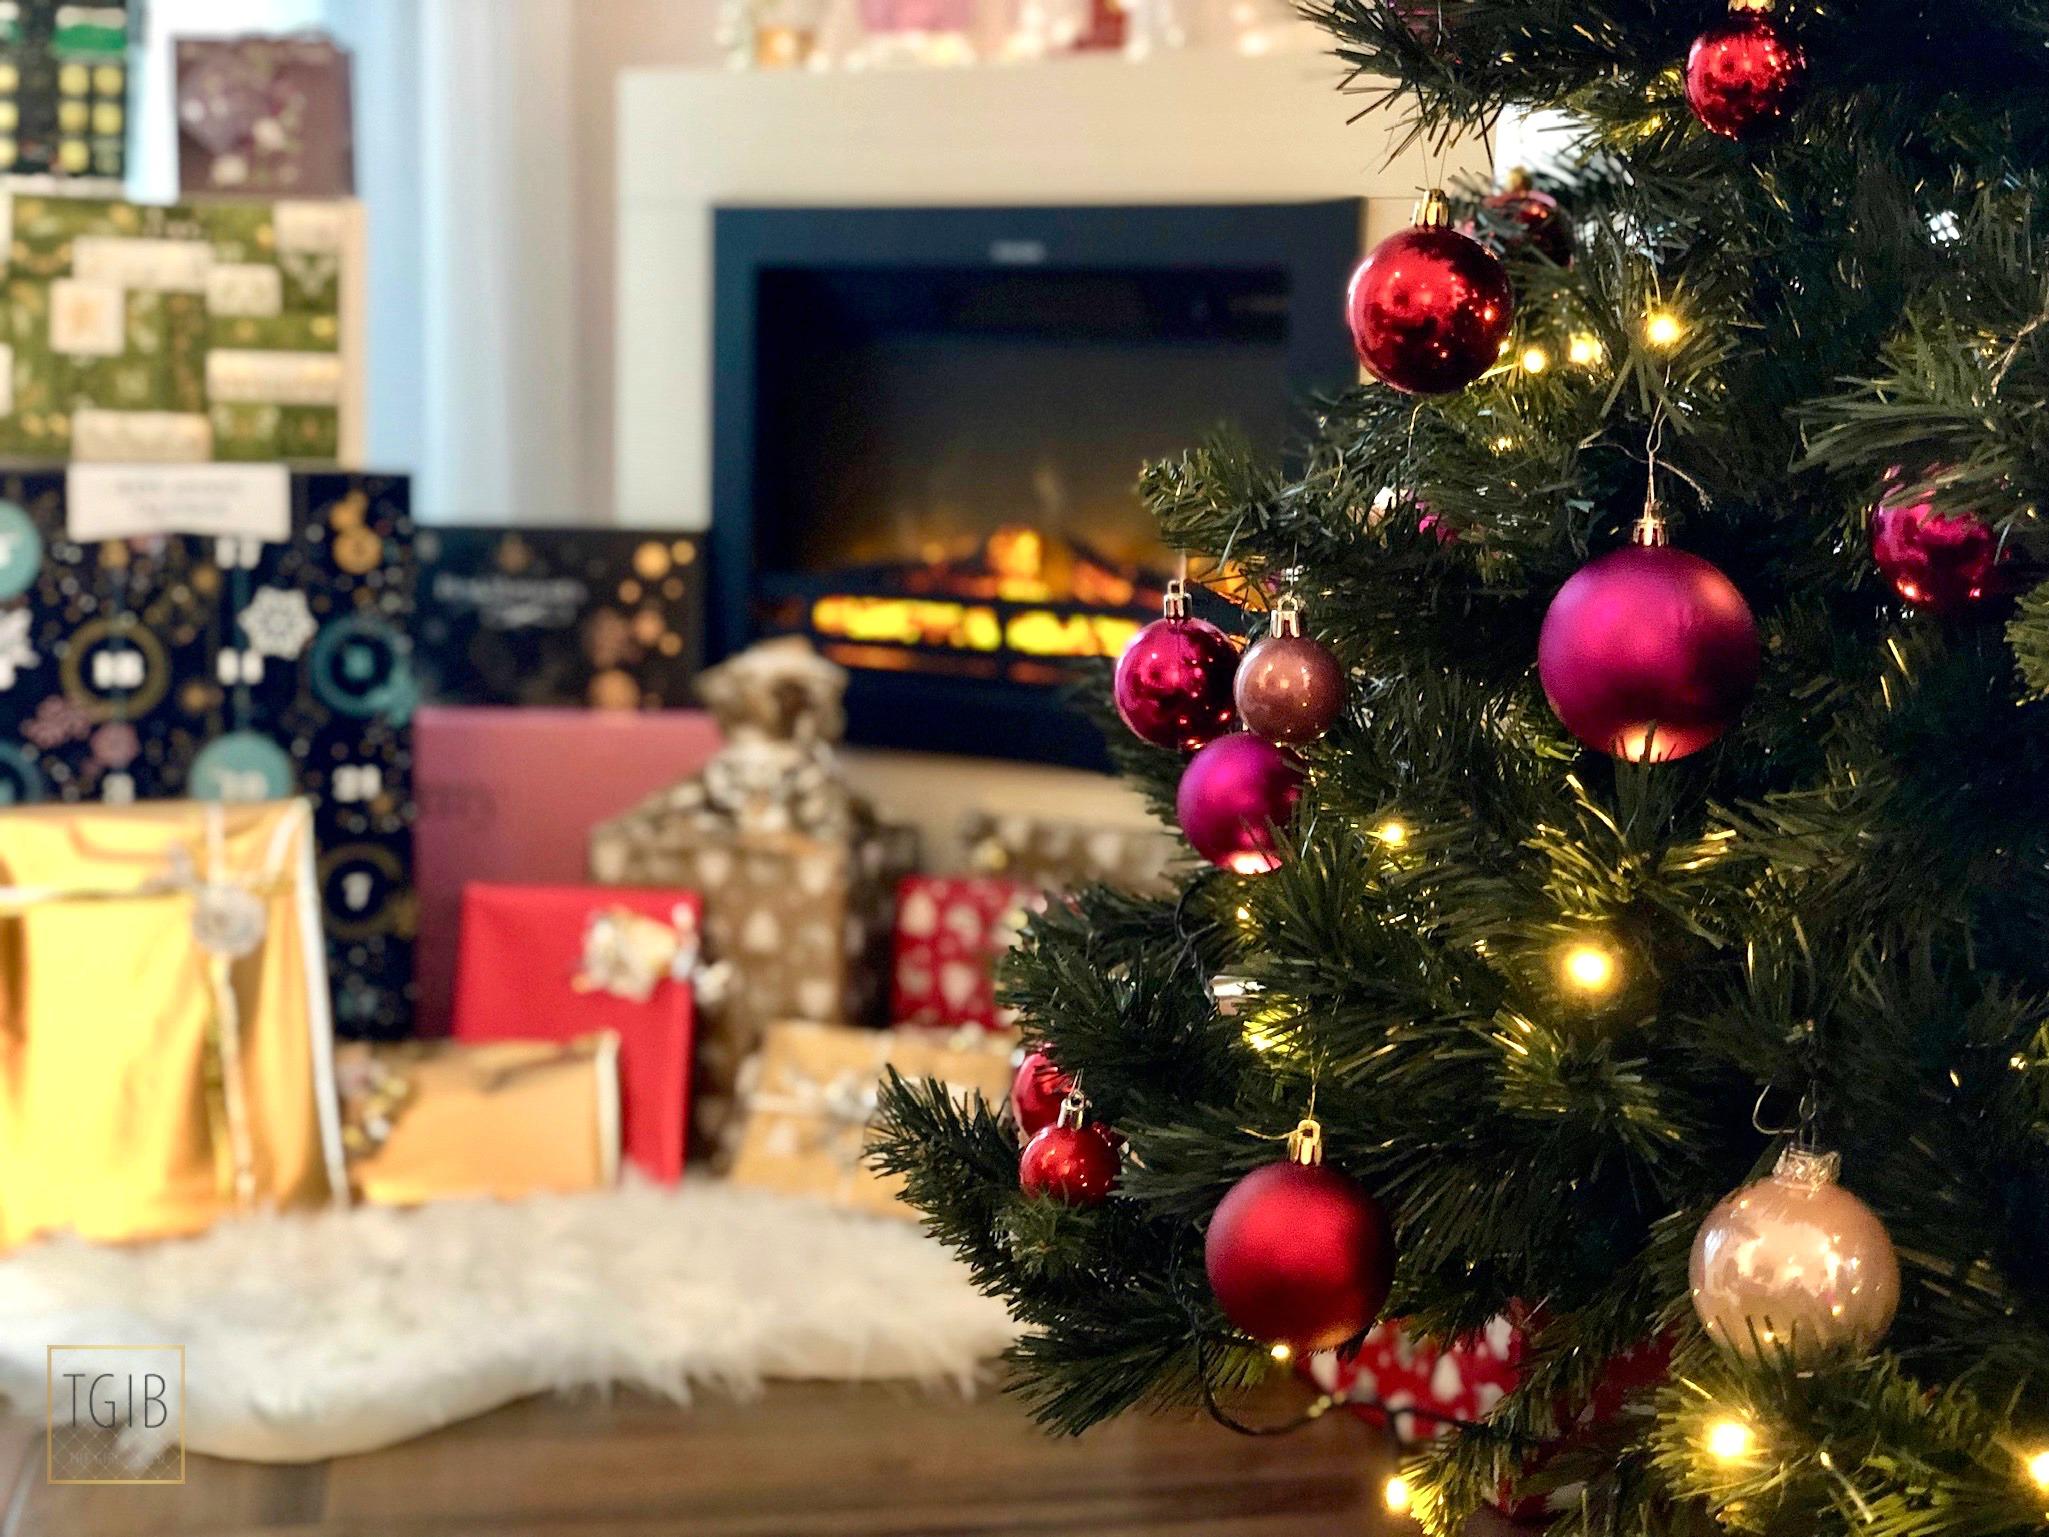 kerstboom bij open haard, Christmas tree at fireplace